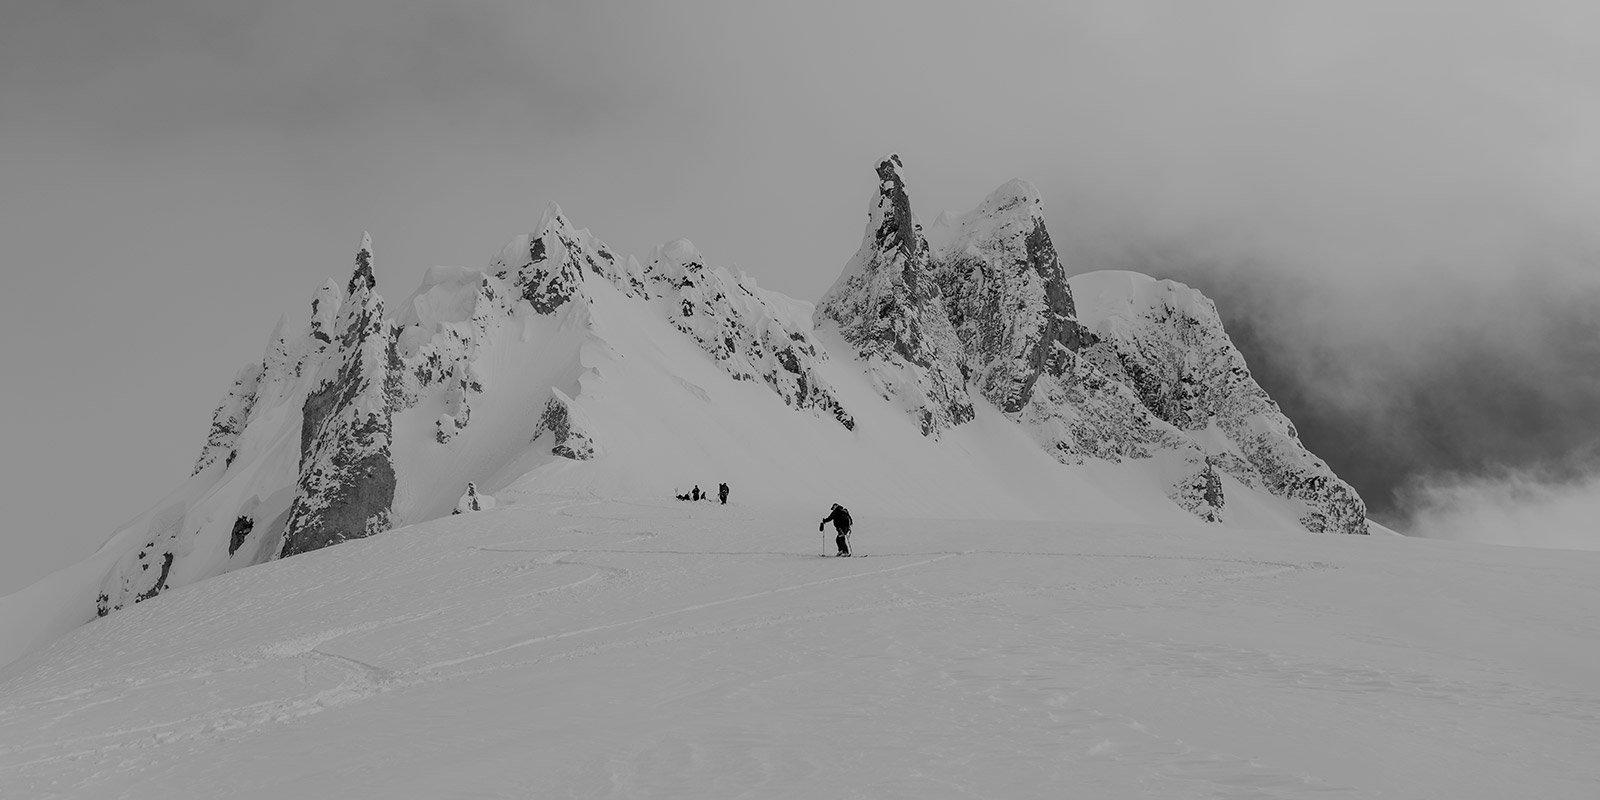 vimff 2018 ski show title bg